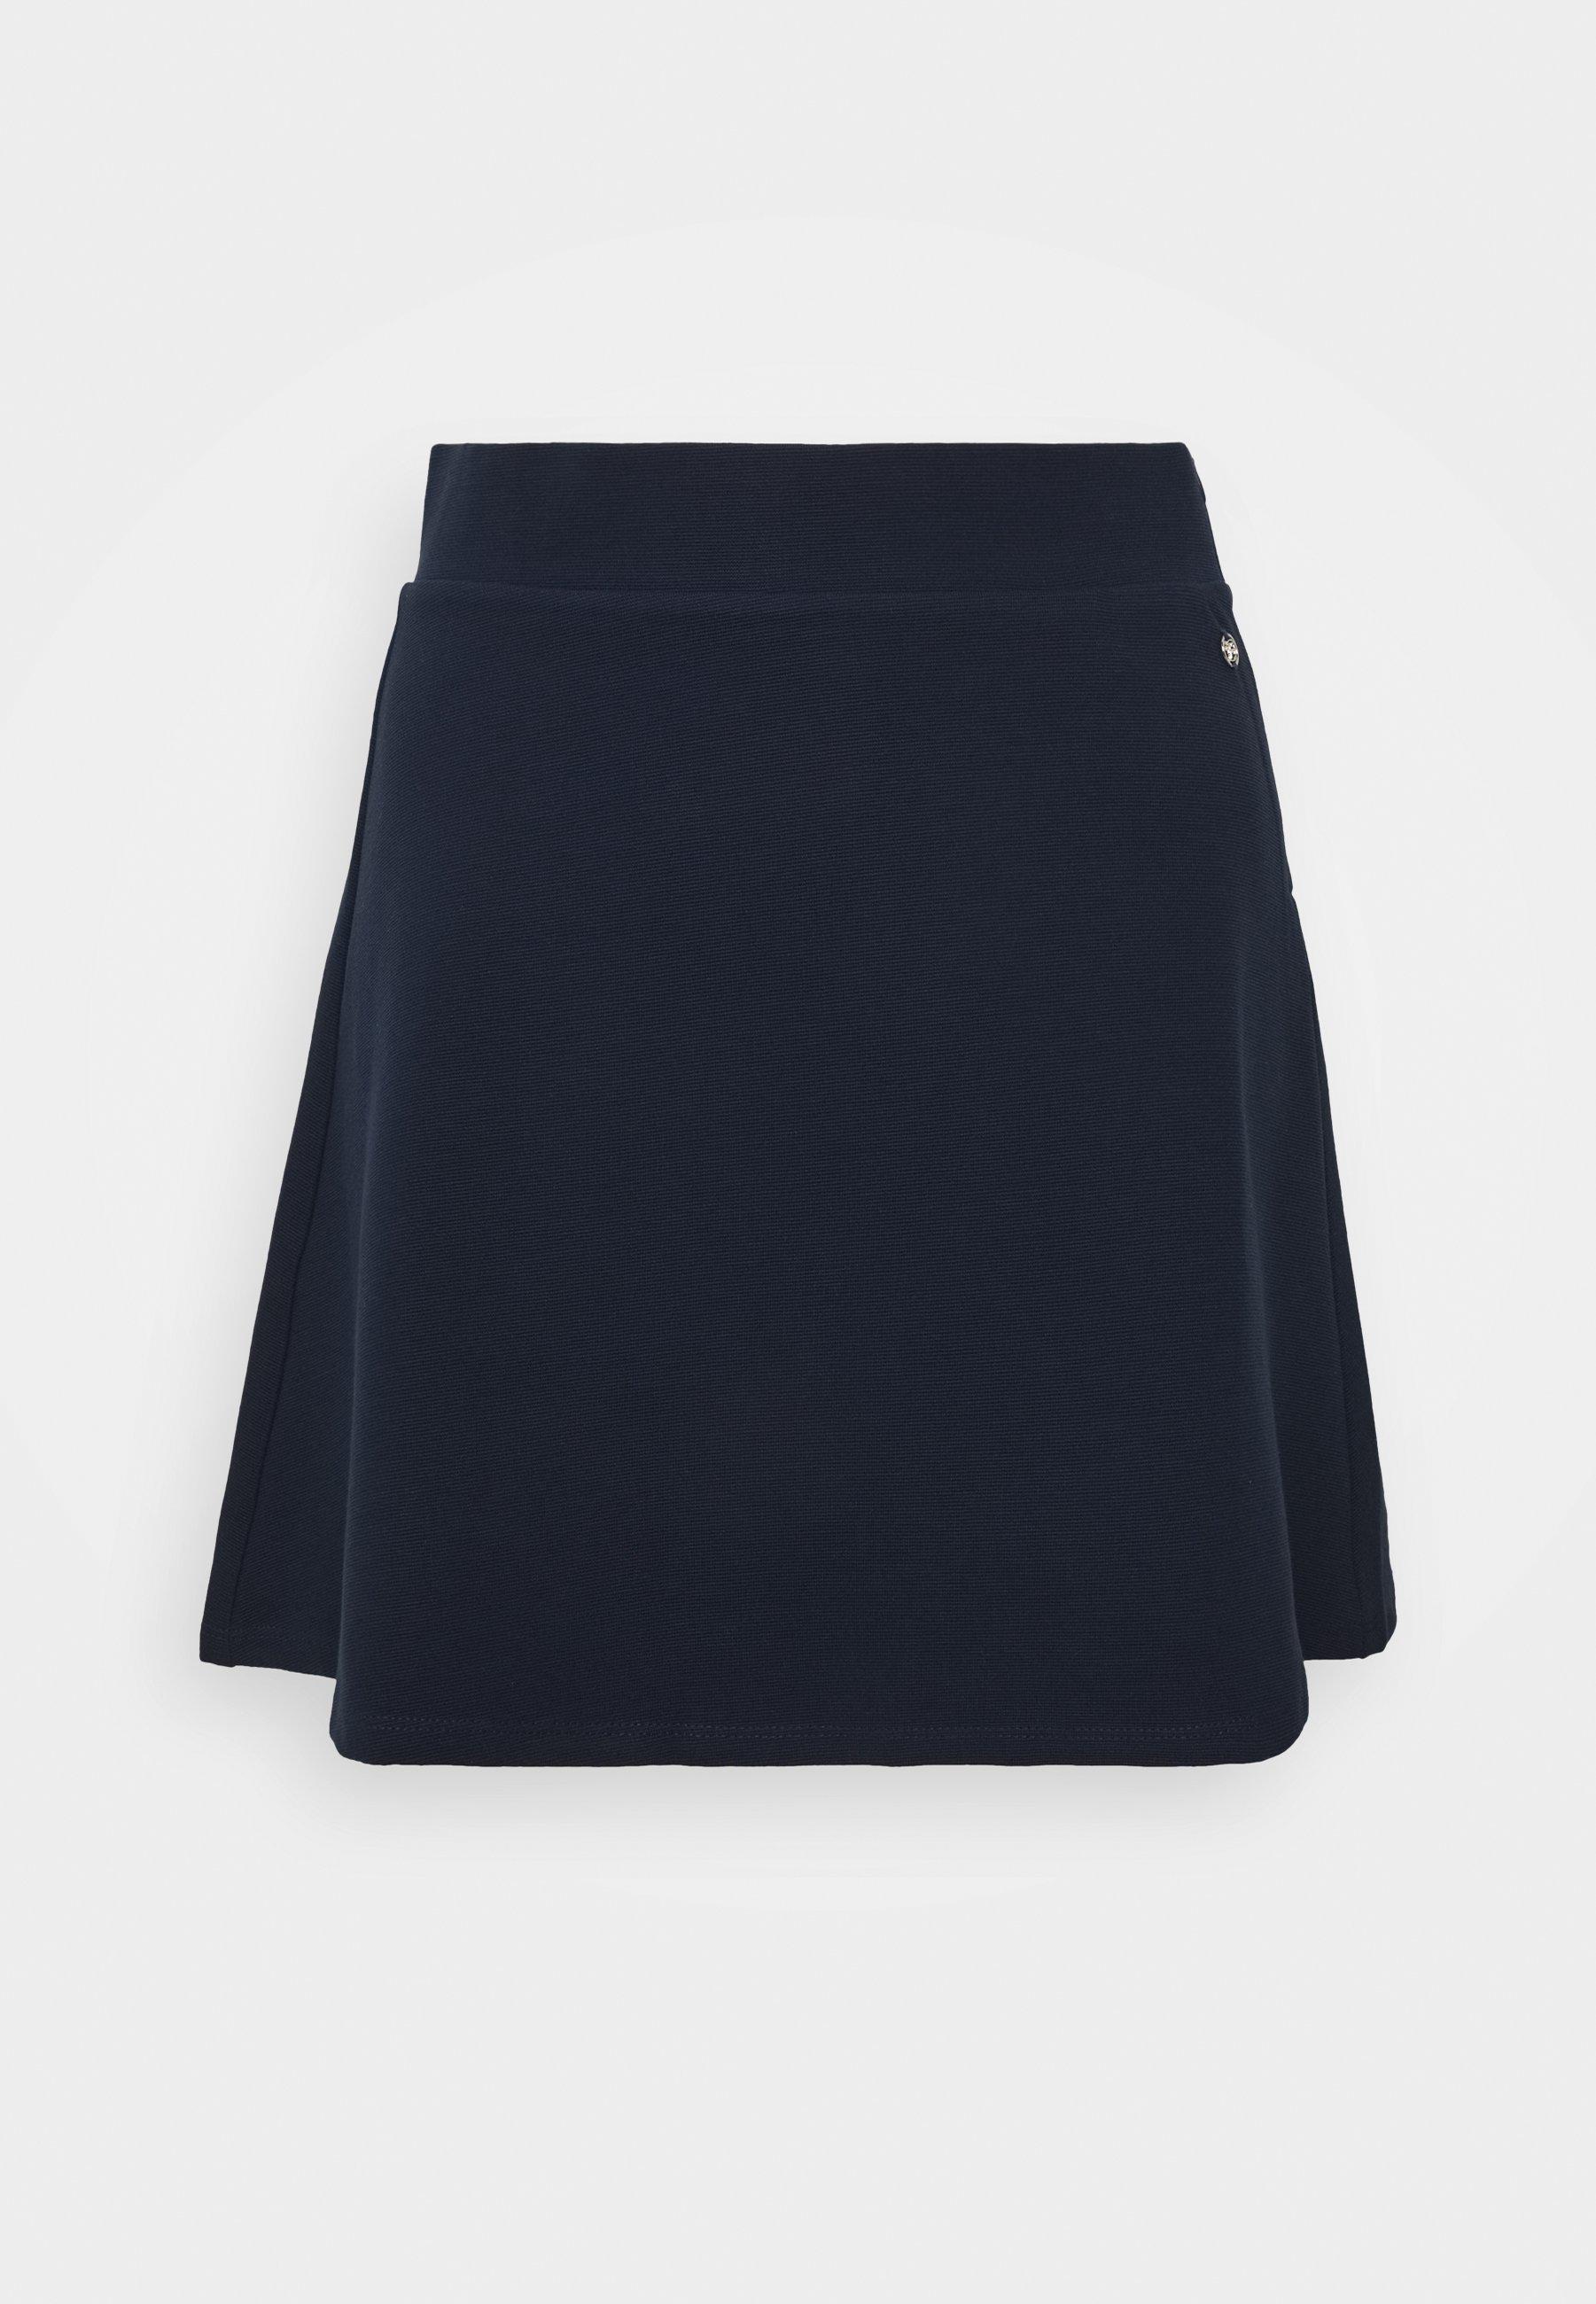 Tom Tailor Rock für Damen versandkostenfrei kaufen | ZALANDO